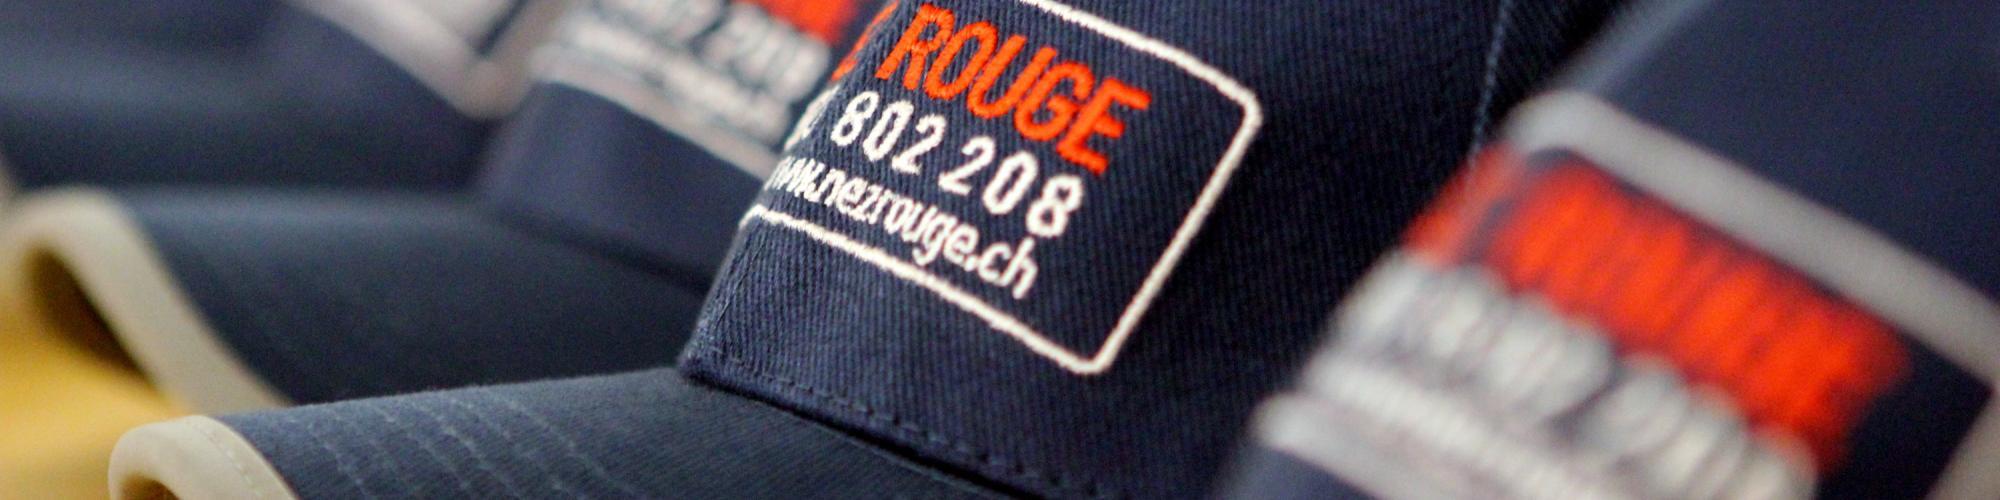 Nez Rouge Suisse - Nez Rouge Schweiz